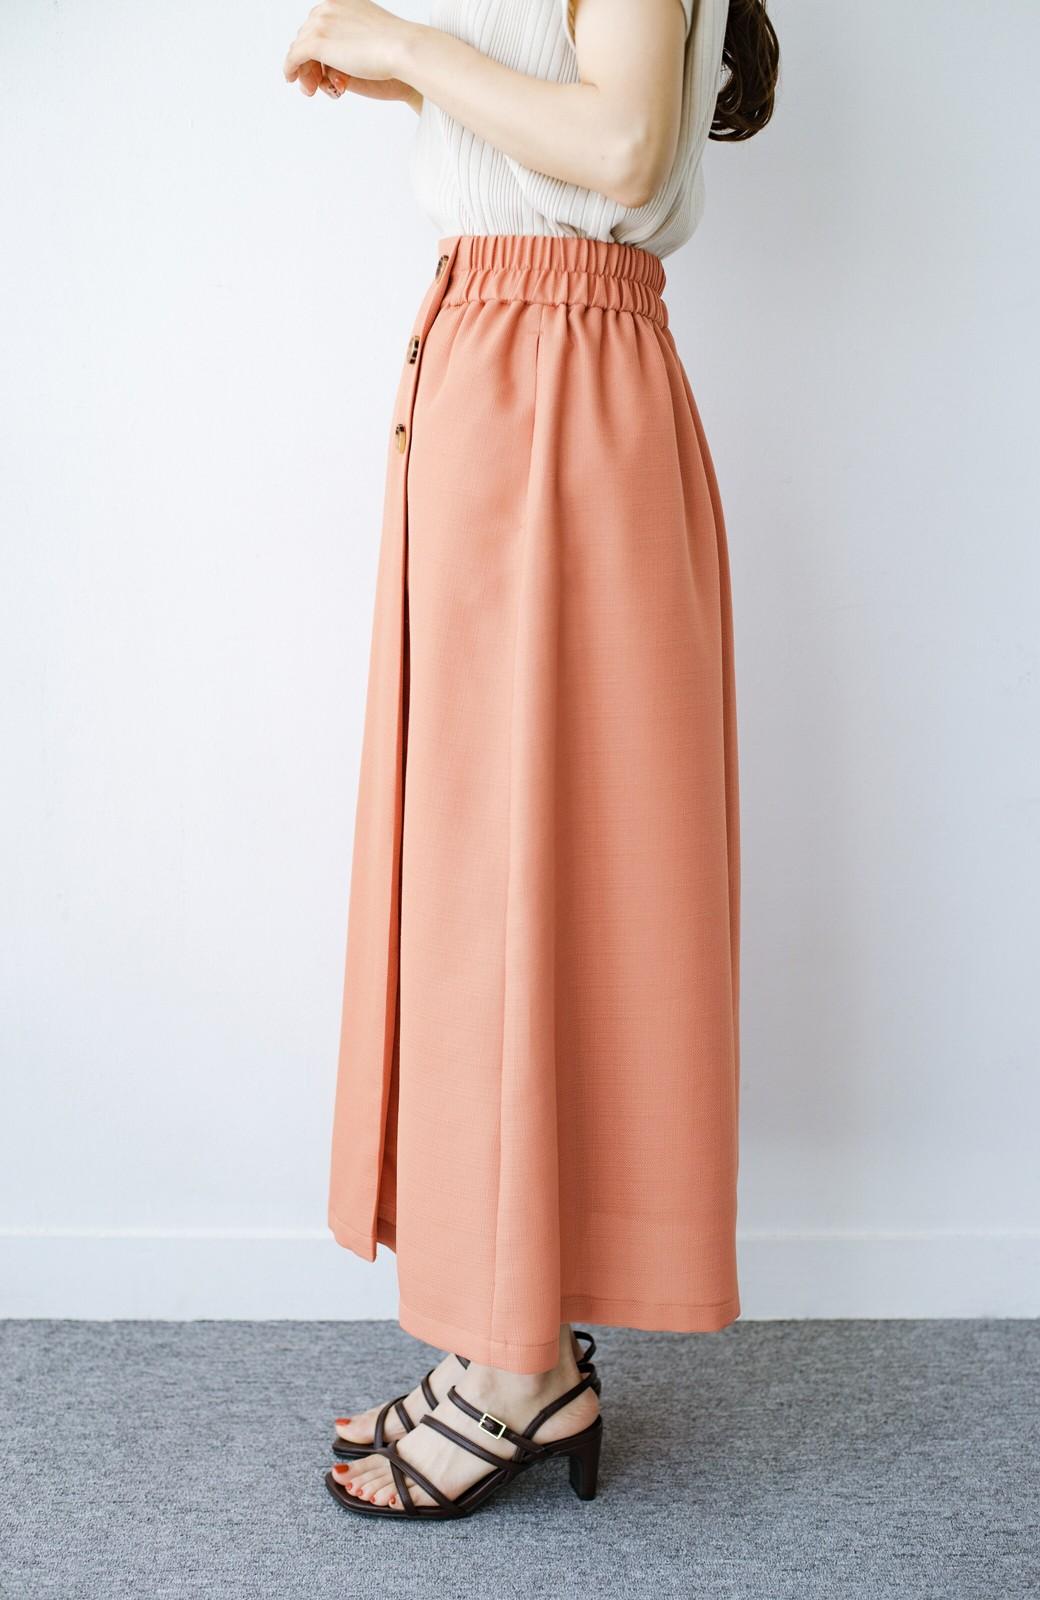 haco! これさえあればきれいなお姉さんになれそうな気がする 麻調素材のきれいめラップスカート <オレンジ>の商品写真6